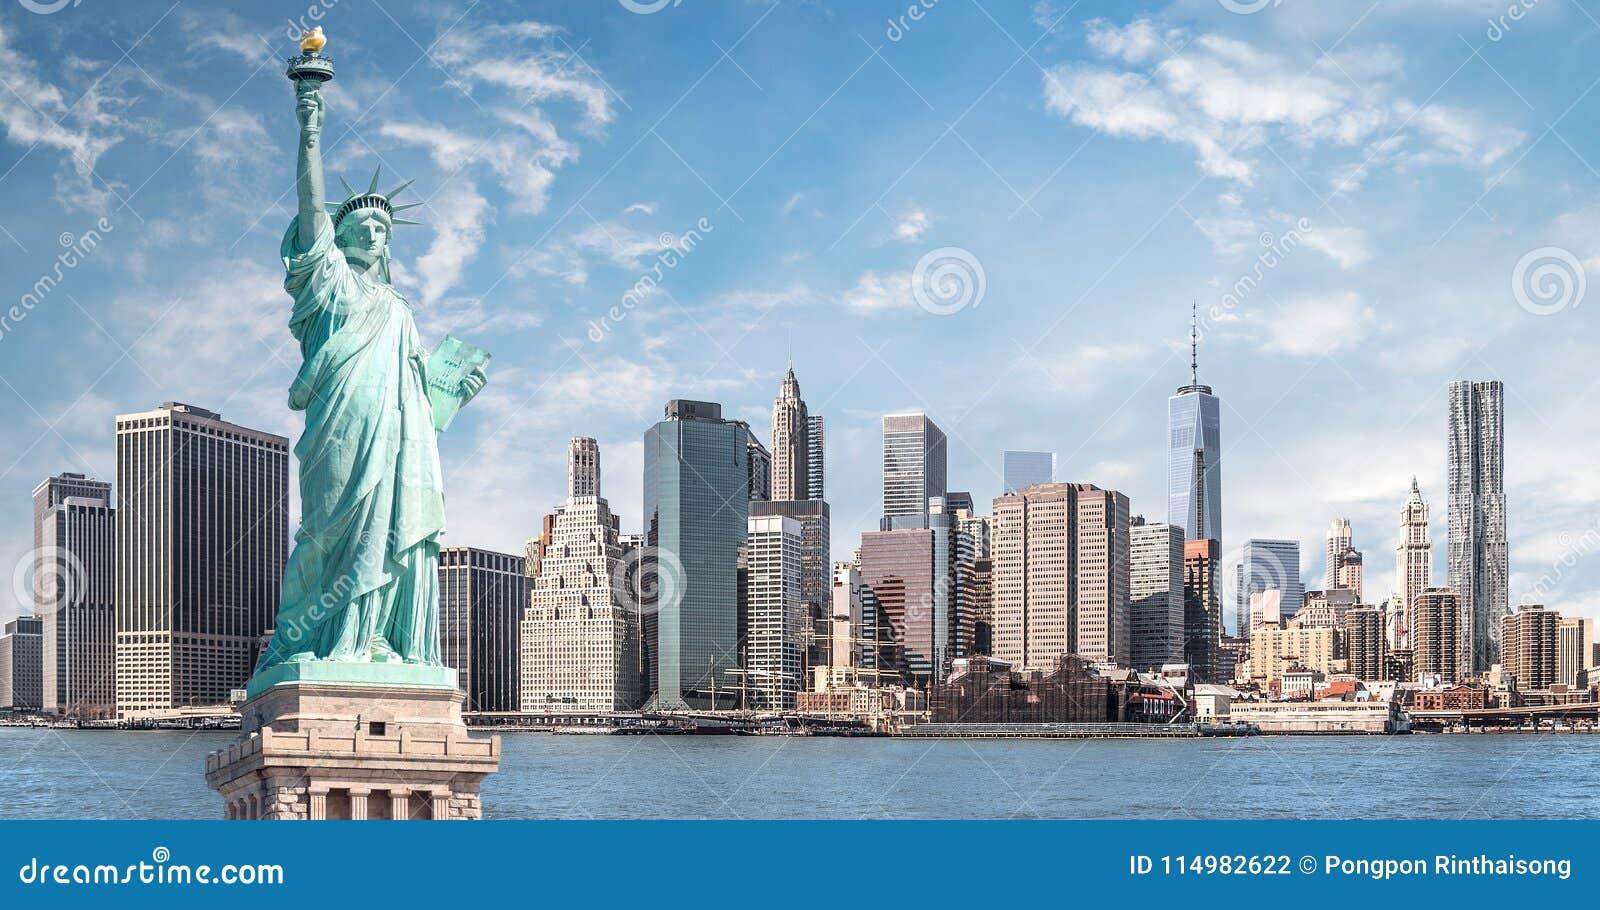 La statue de la liberté, points de repère de New York City